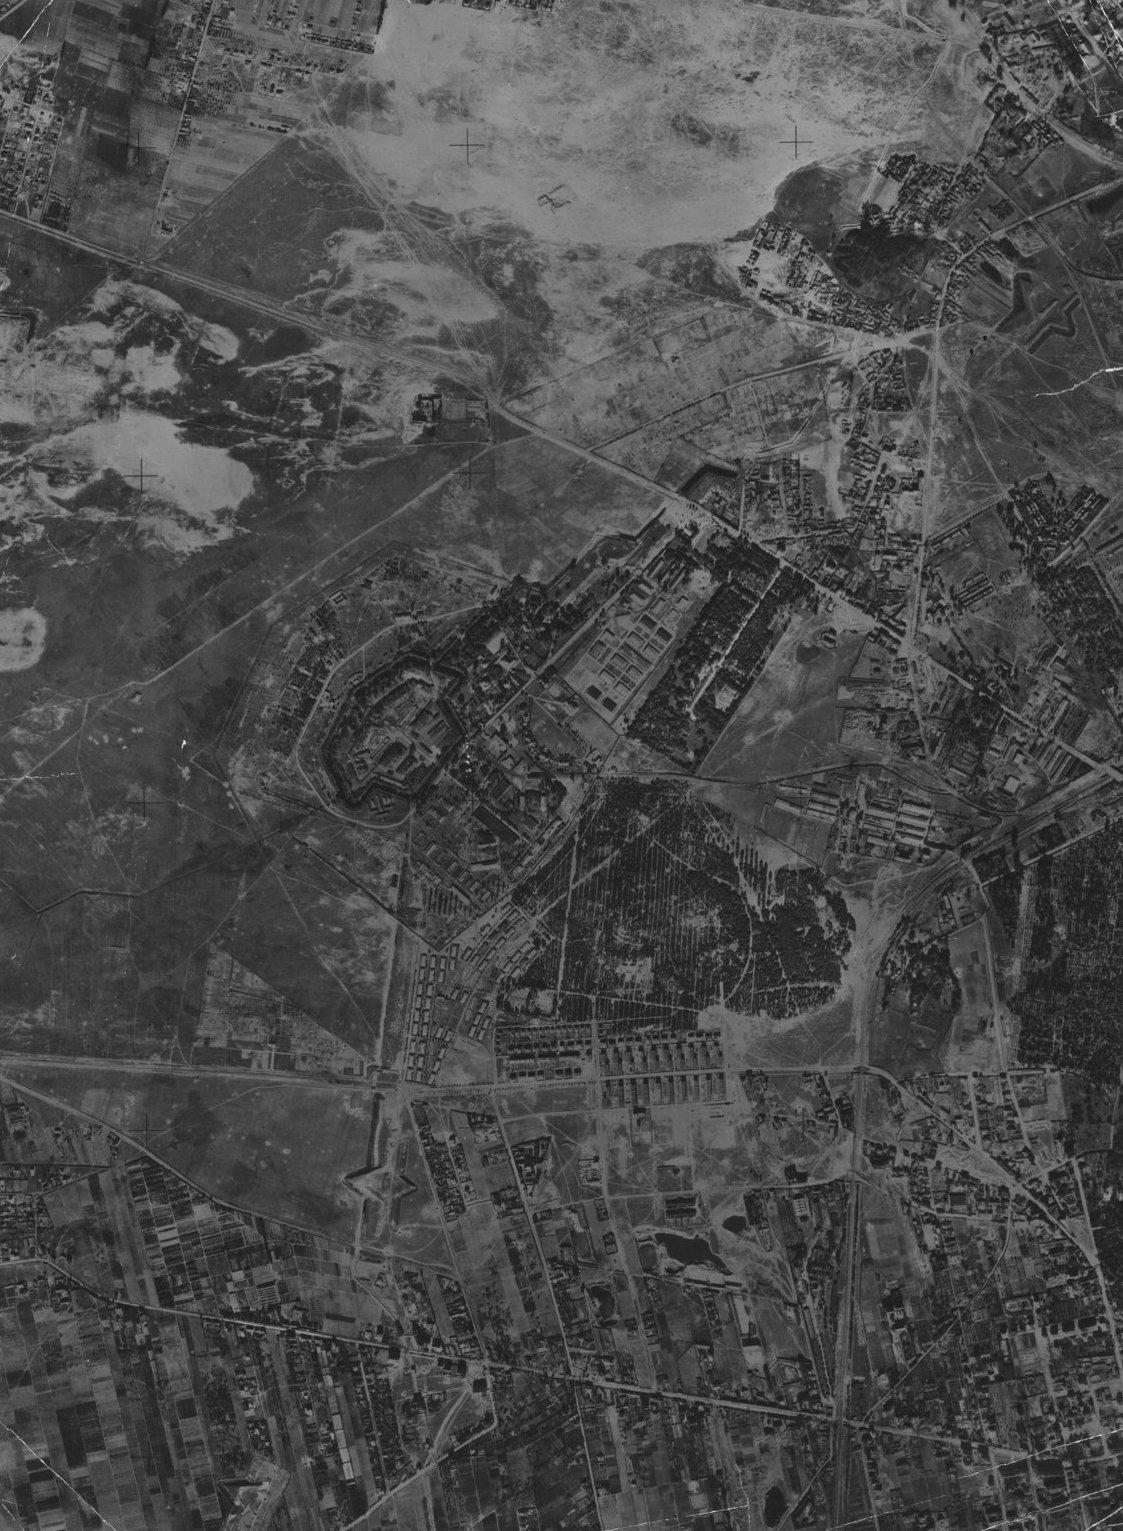 https://www.warszawa.ap.gov.pl/1939/images/06-09.jpg